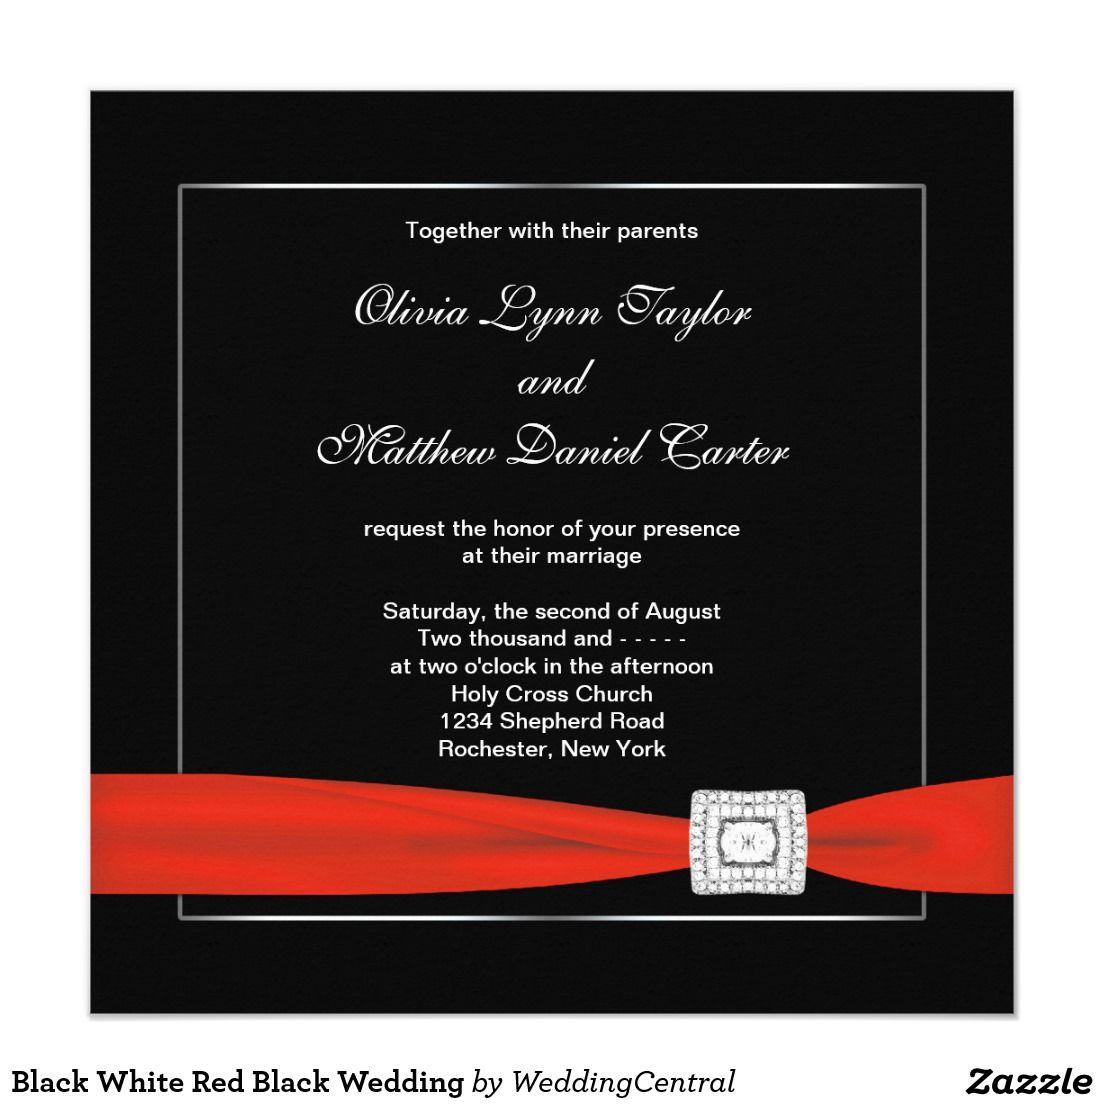 Black White Red Black Wedding Invitation   Pinterest   Red black ...